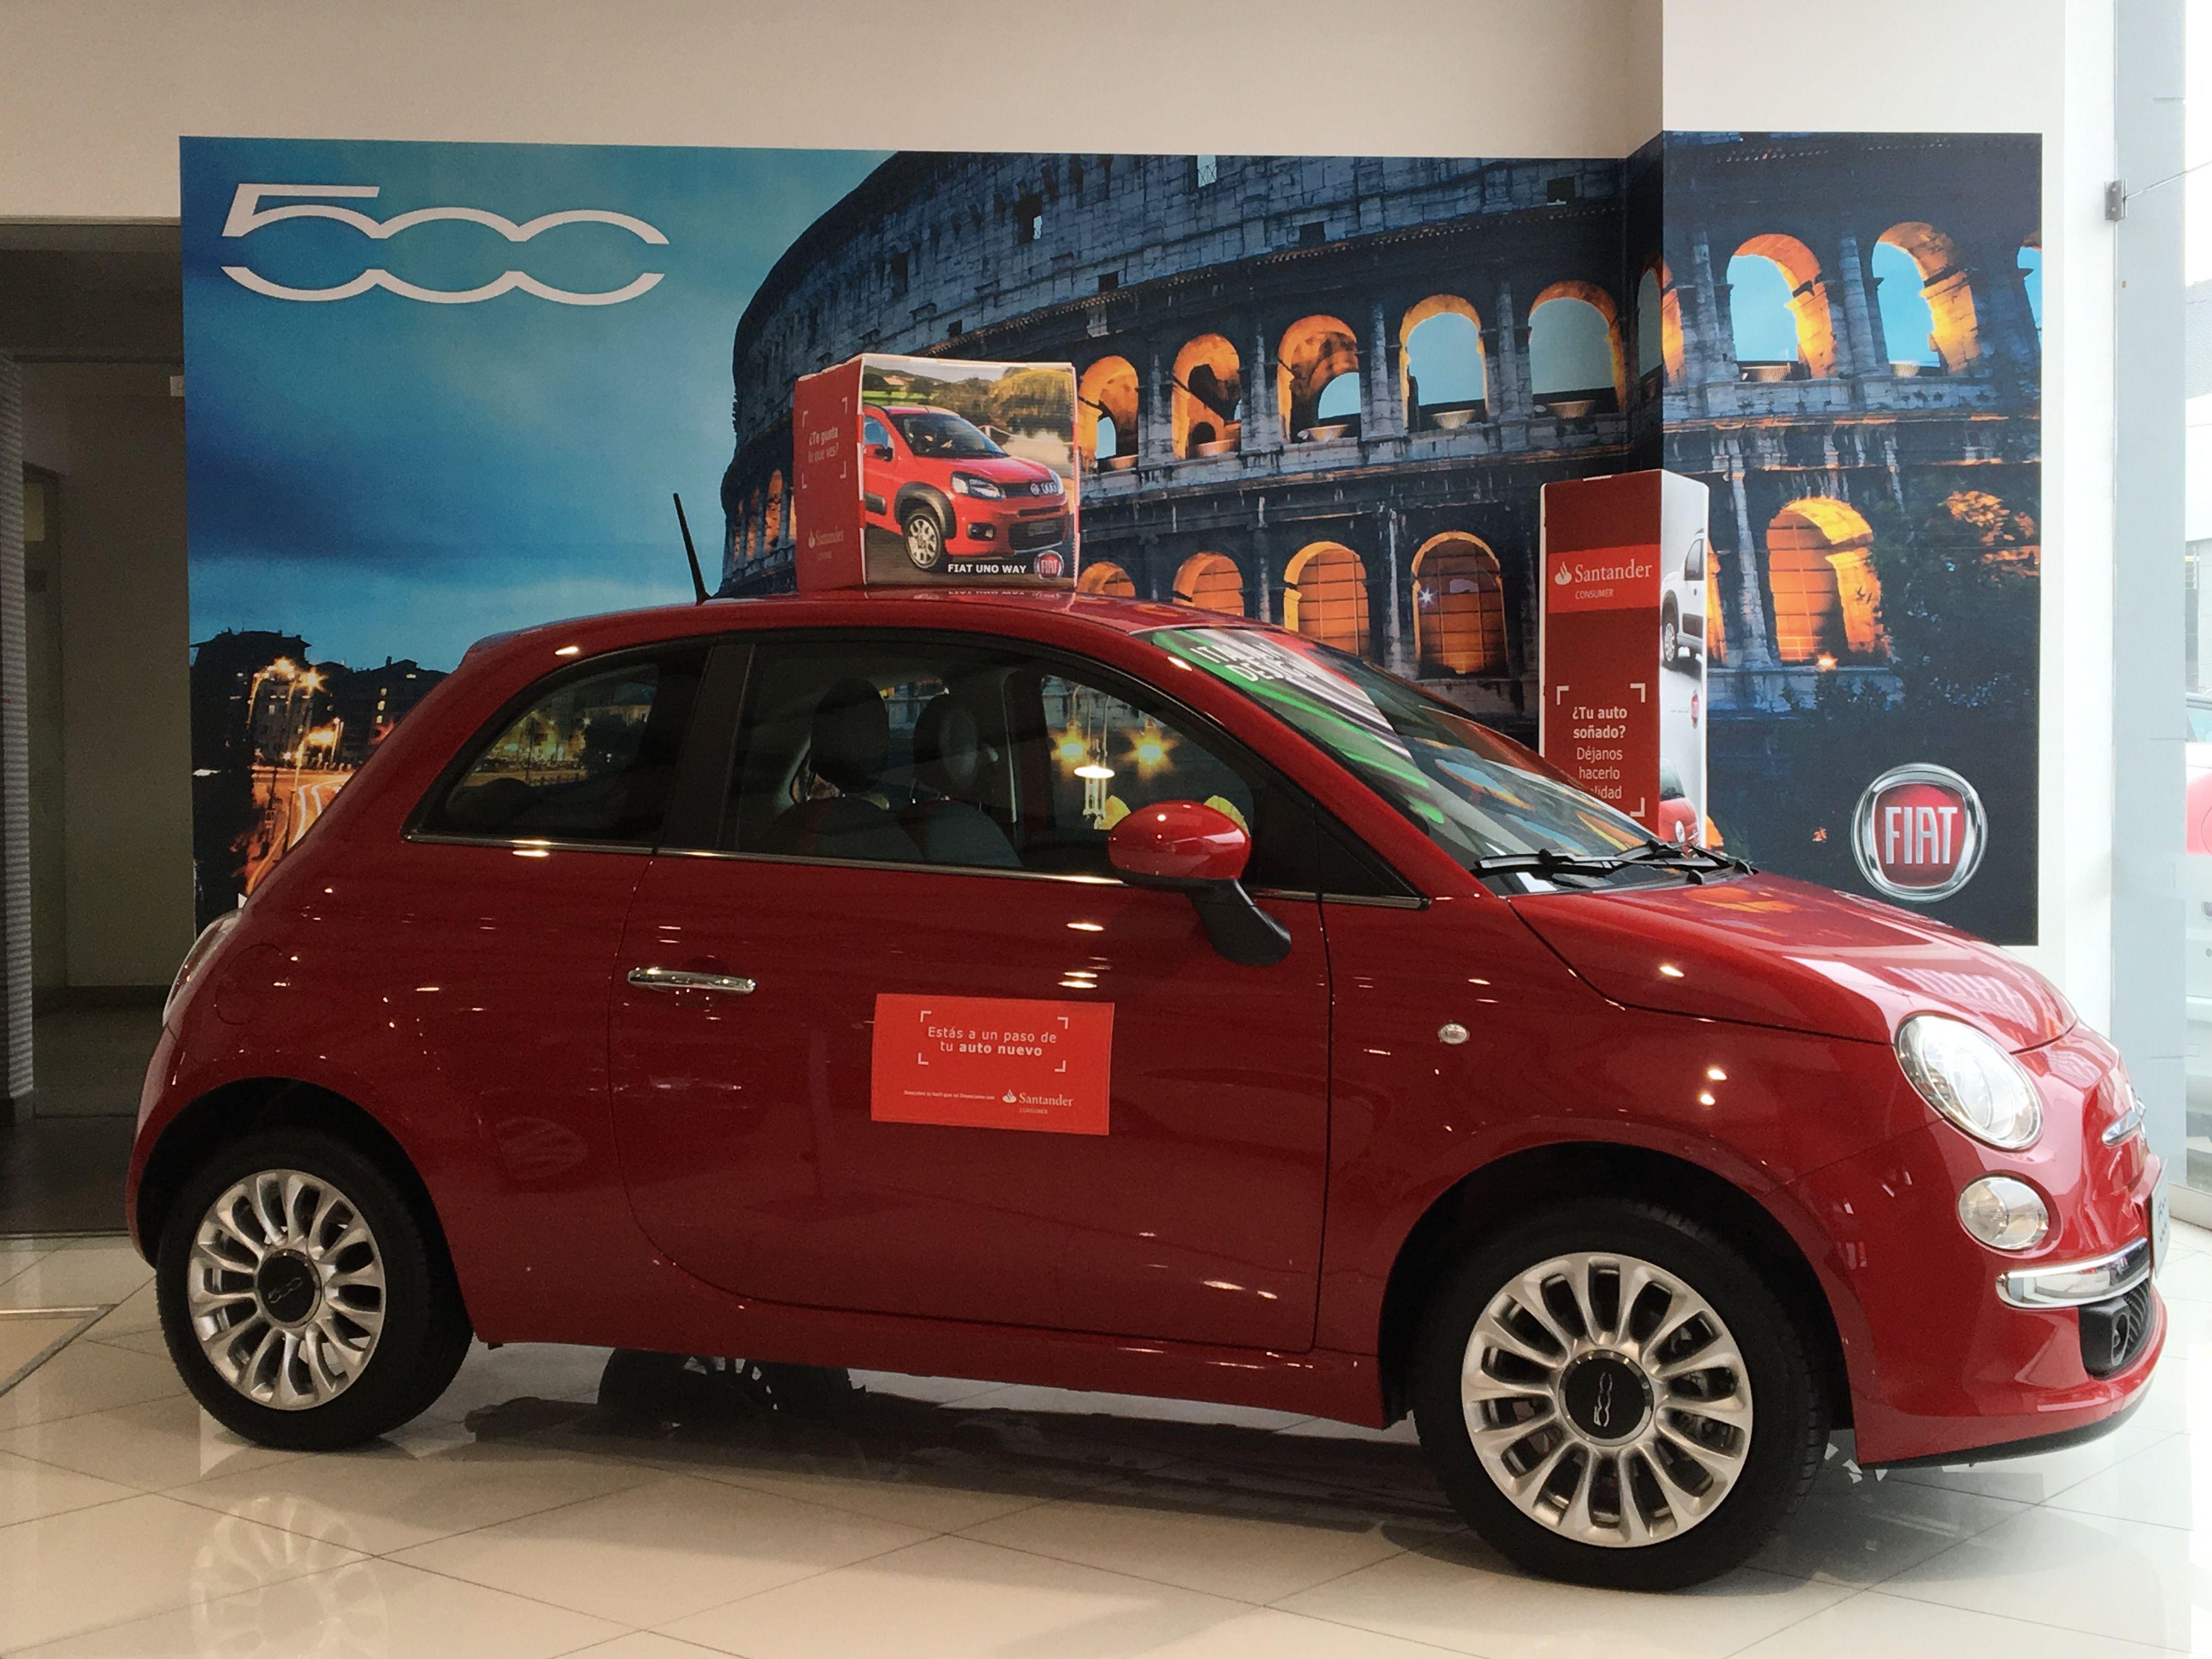 Fiat500 tienda Surquillo ¡Lo mejor de Italia en Perú!